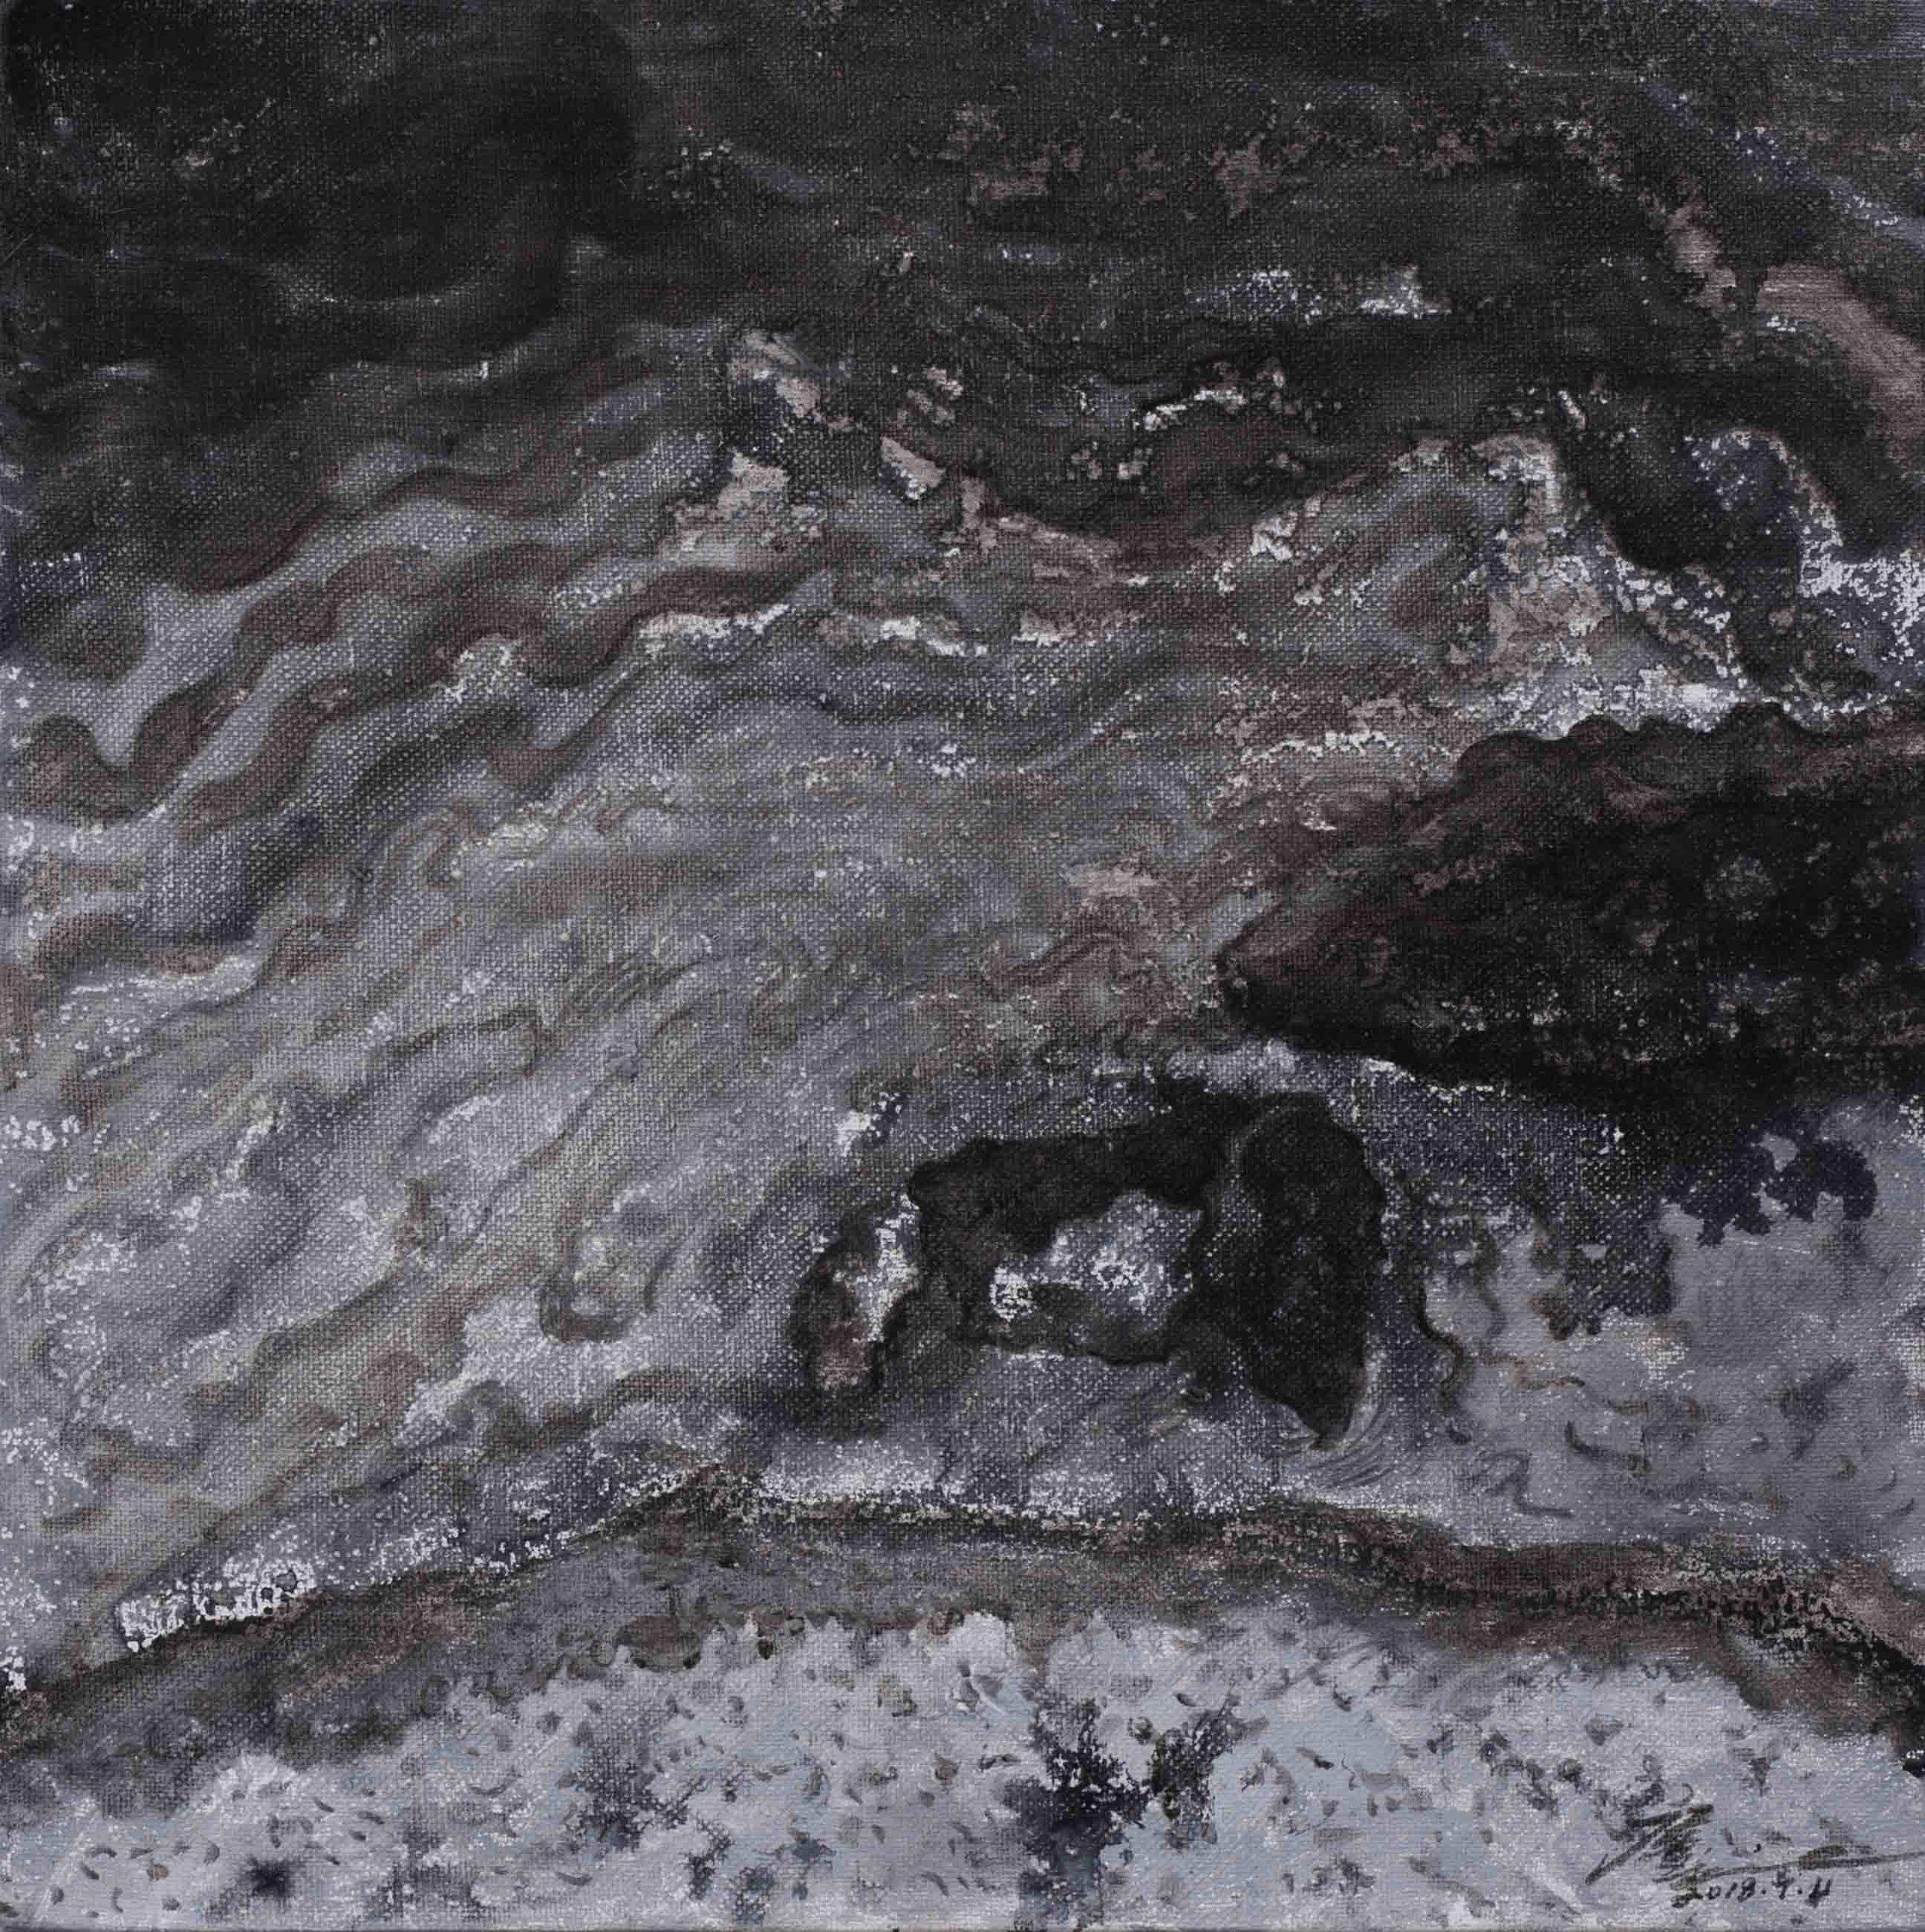 侯俊杰 HOU Junjie〈上善若水·聞水NO.4 The Supreme Good is Like Water-Hearing the River NO.4〉